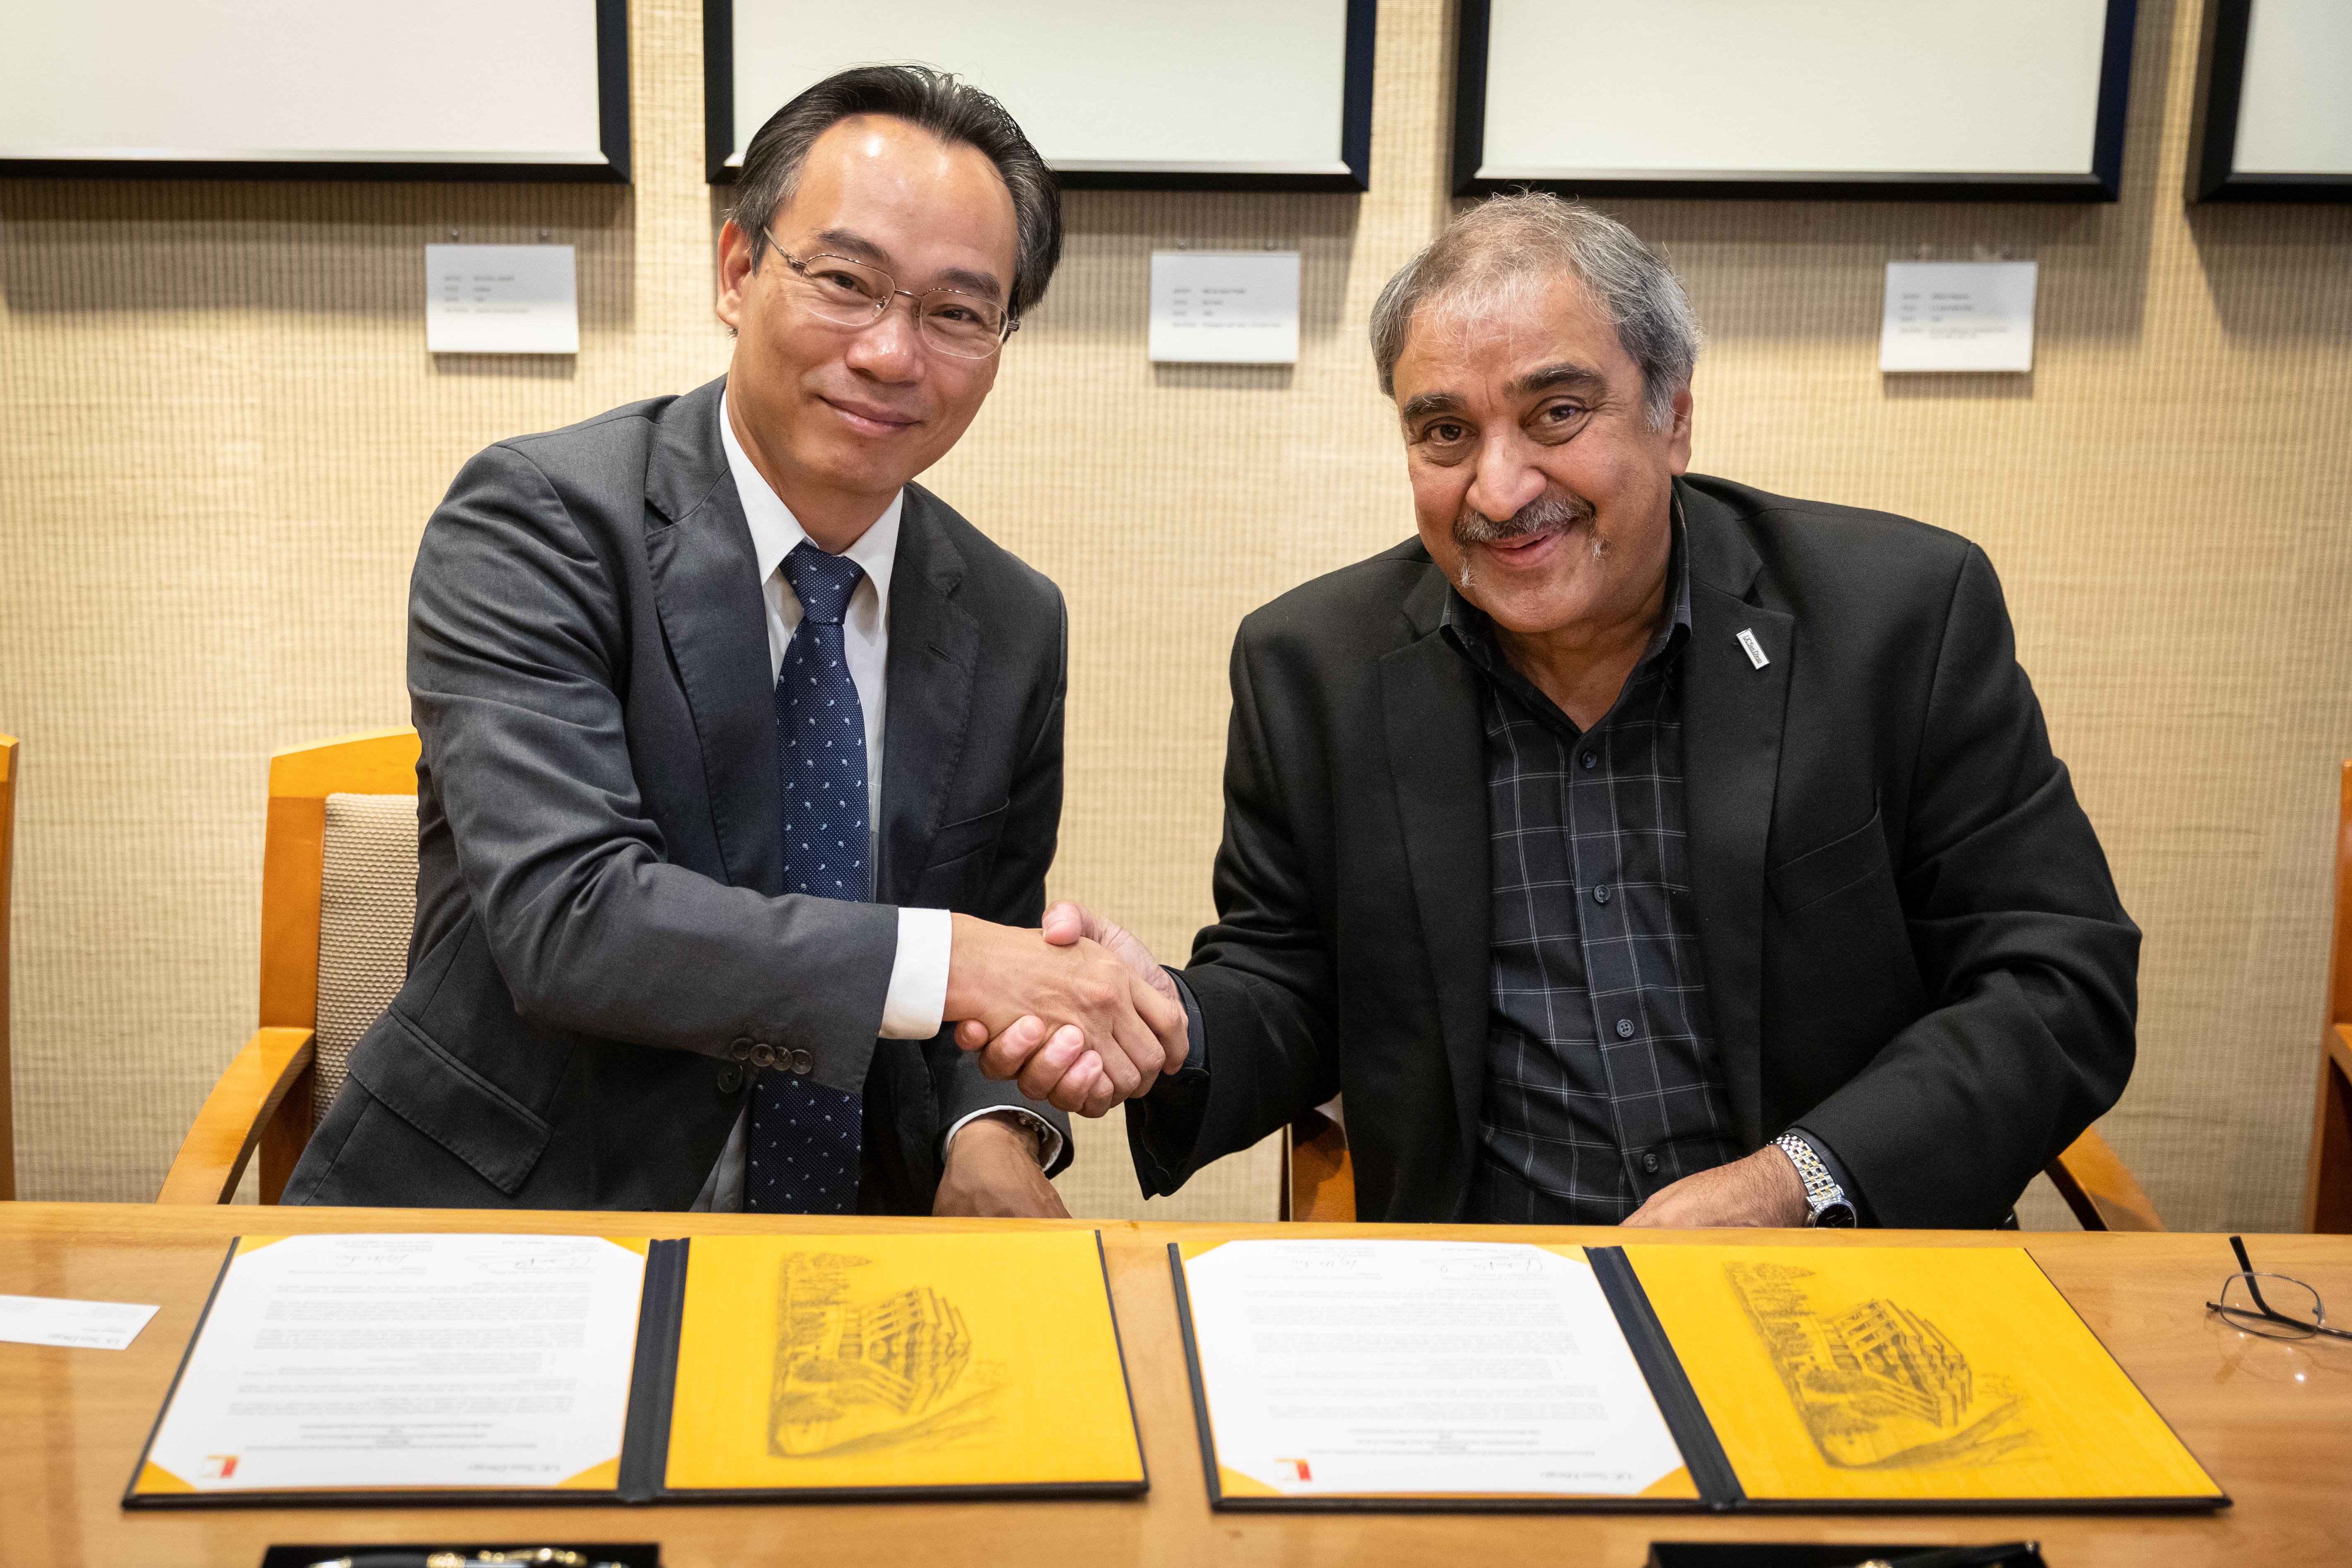 Hiệu trưởng Hoàng Minh Sơn và Hiệu trưởng Pradeep Khosla trong lễ ký biên bản ghi nhớ hợp tác về đào tạo và nghiên cứu khoa học giữa Đại học Bách khoa Hà Nội với Đại học California, San Diego, 22/8/2019. Ảnh: HUST